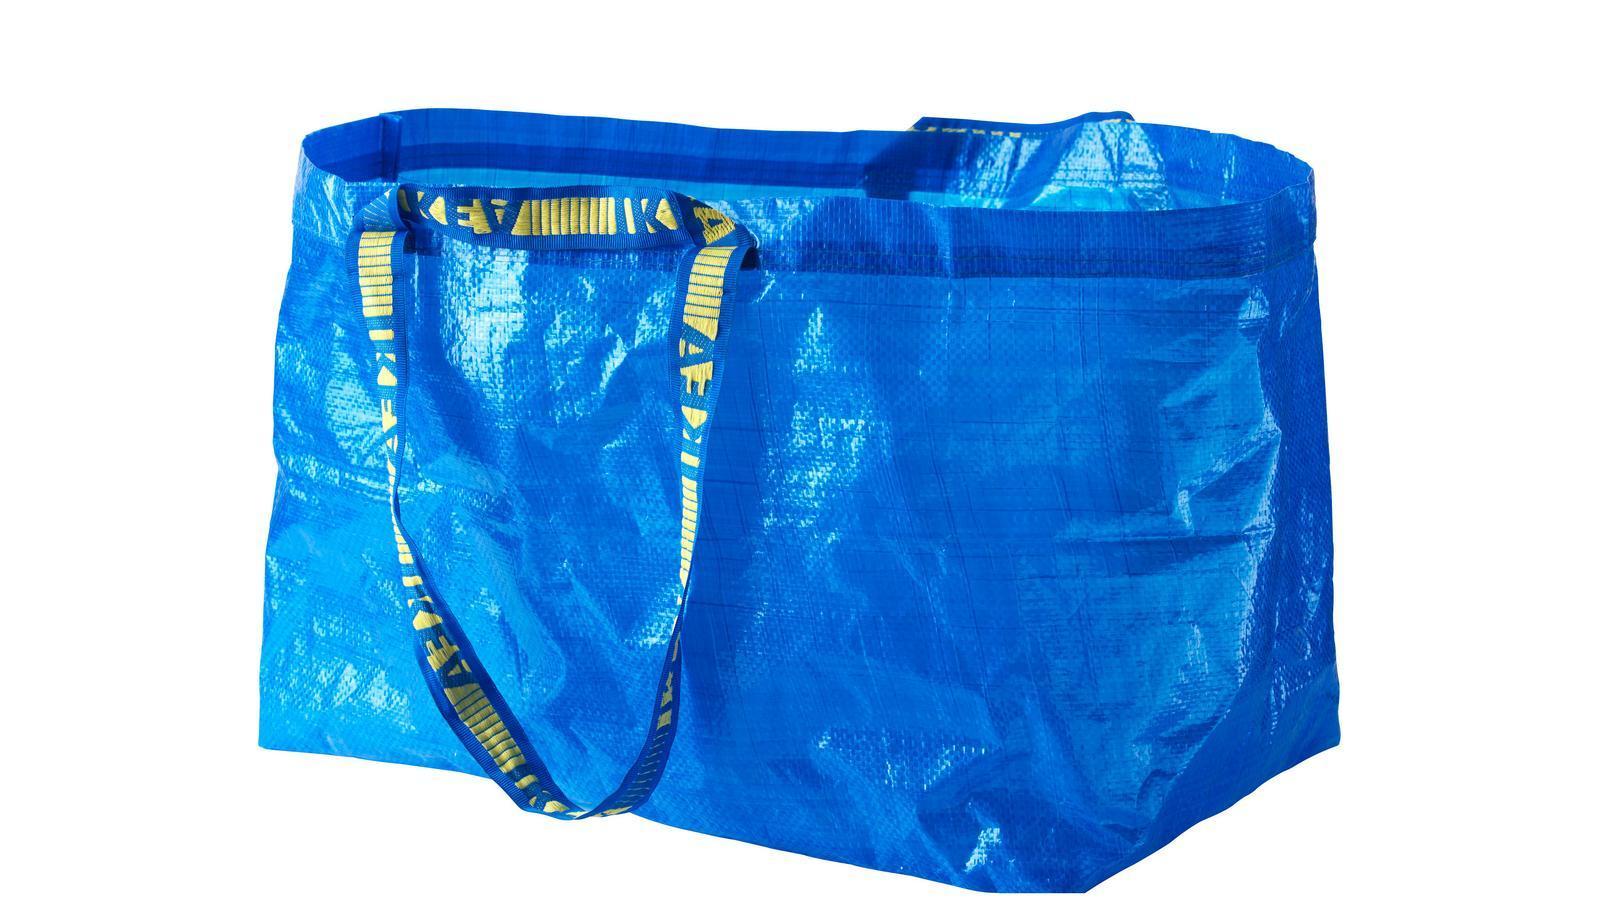 Balenciaga copia la bolsa azul de Ikea y la vende por 1.700